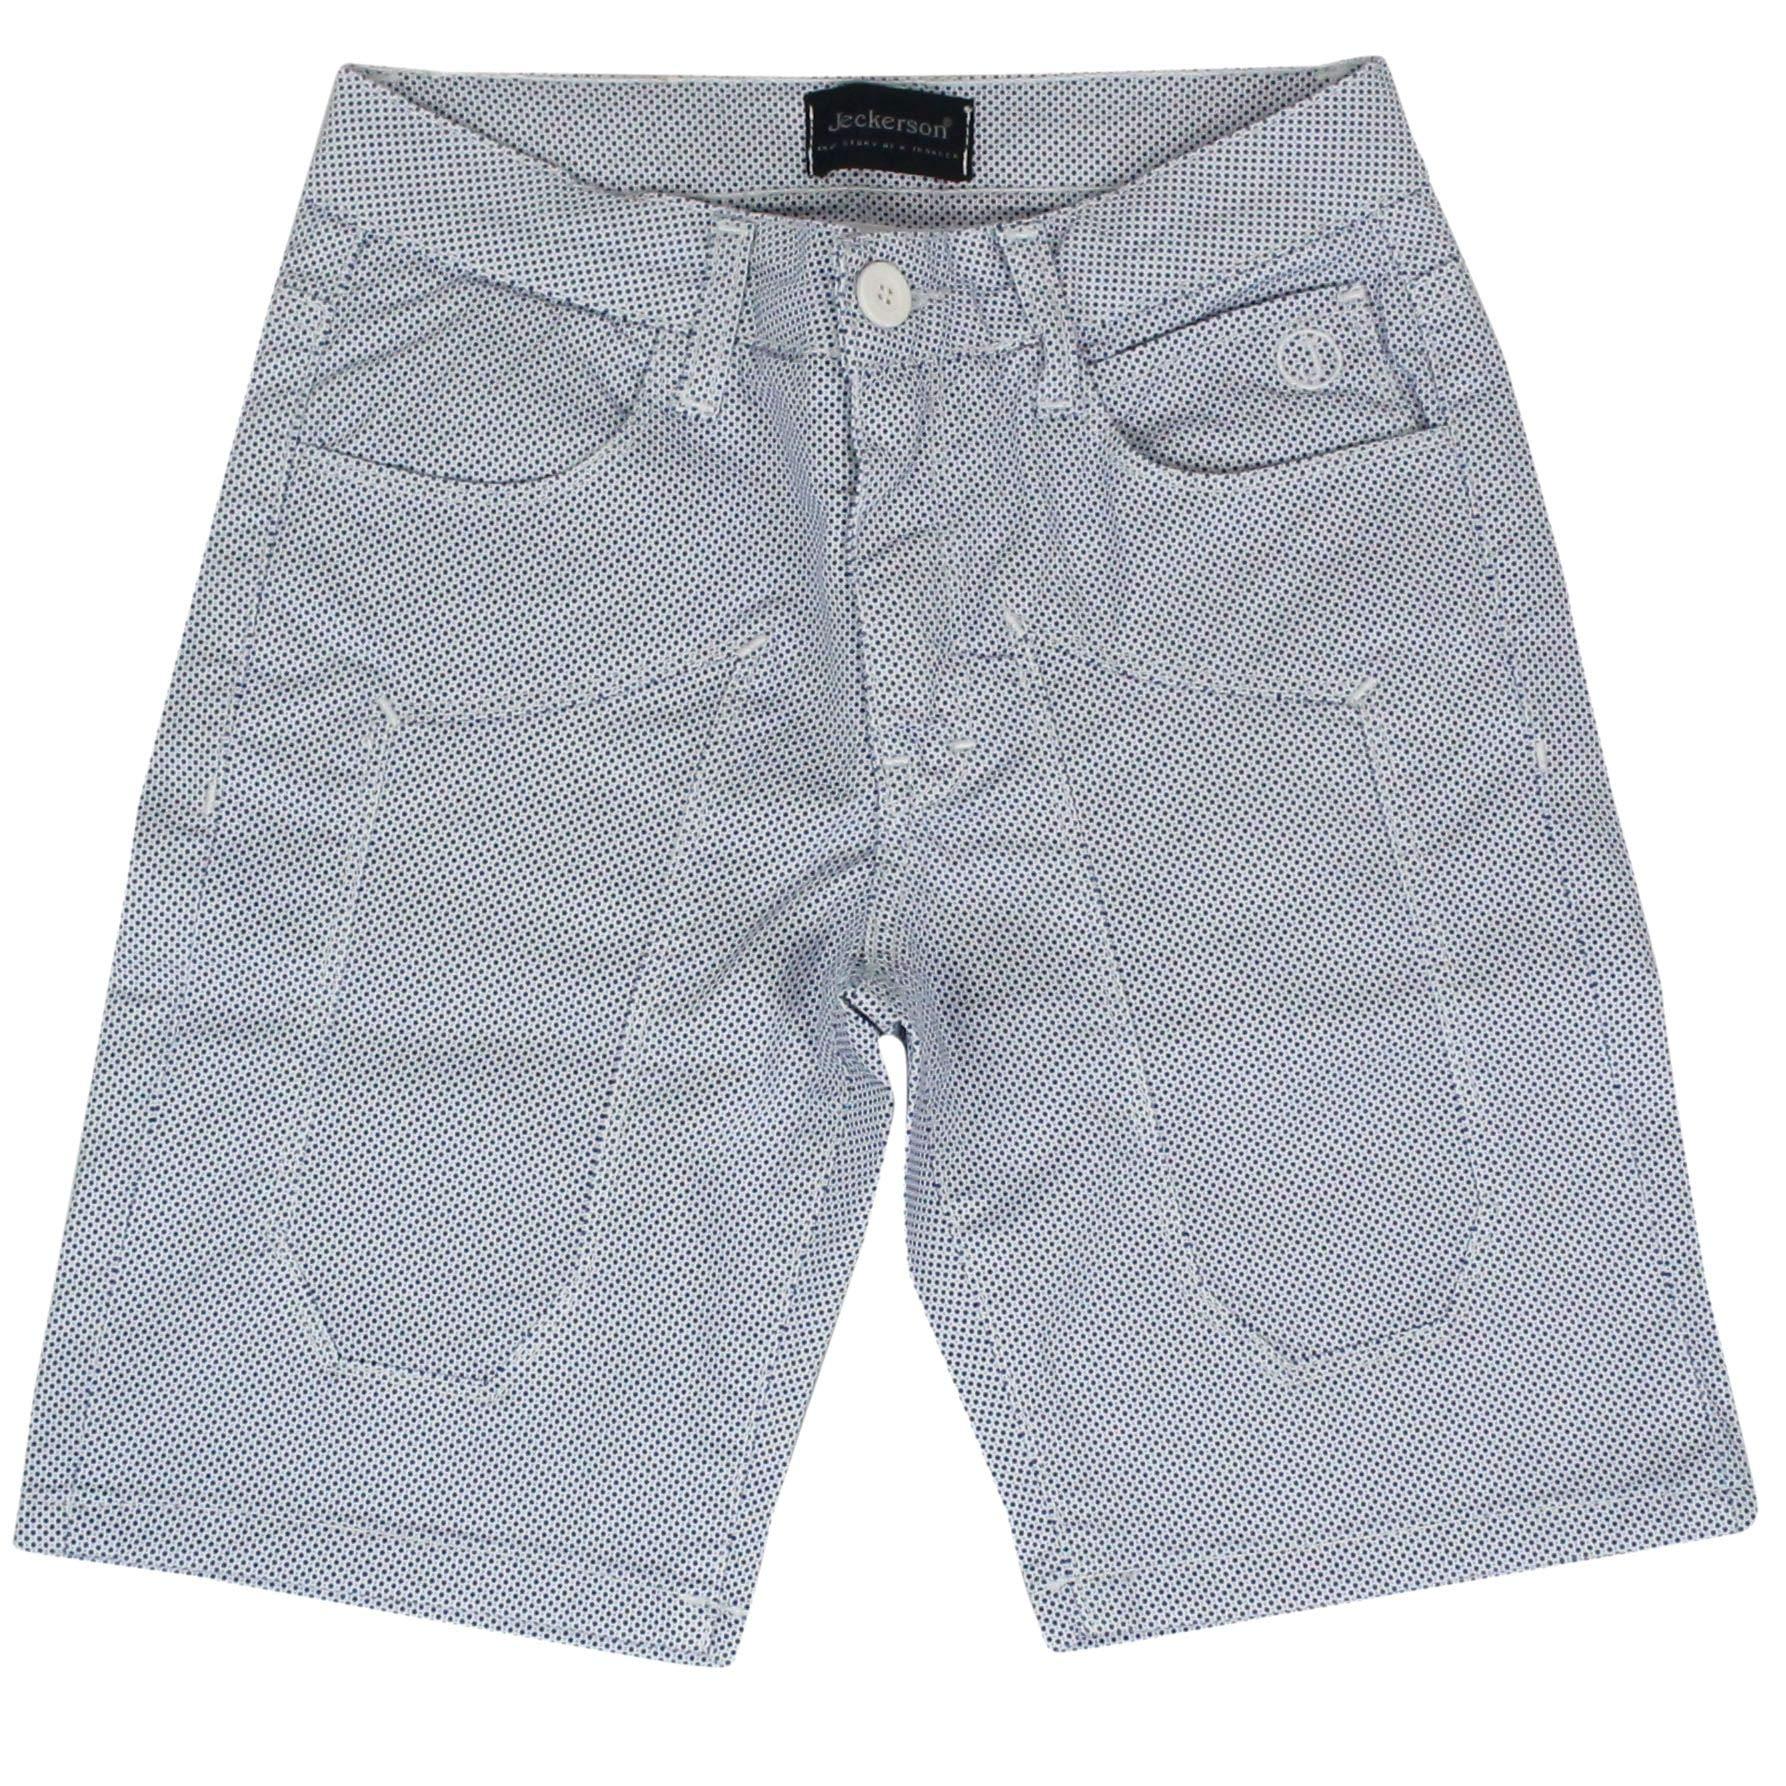 Jeckerson Boys J1050bianco White Cotton Shorts